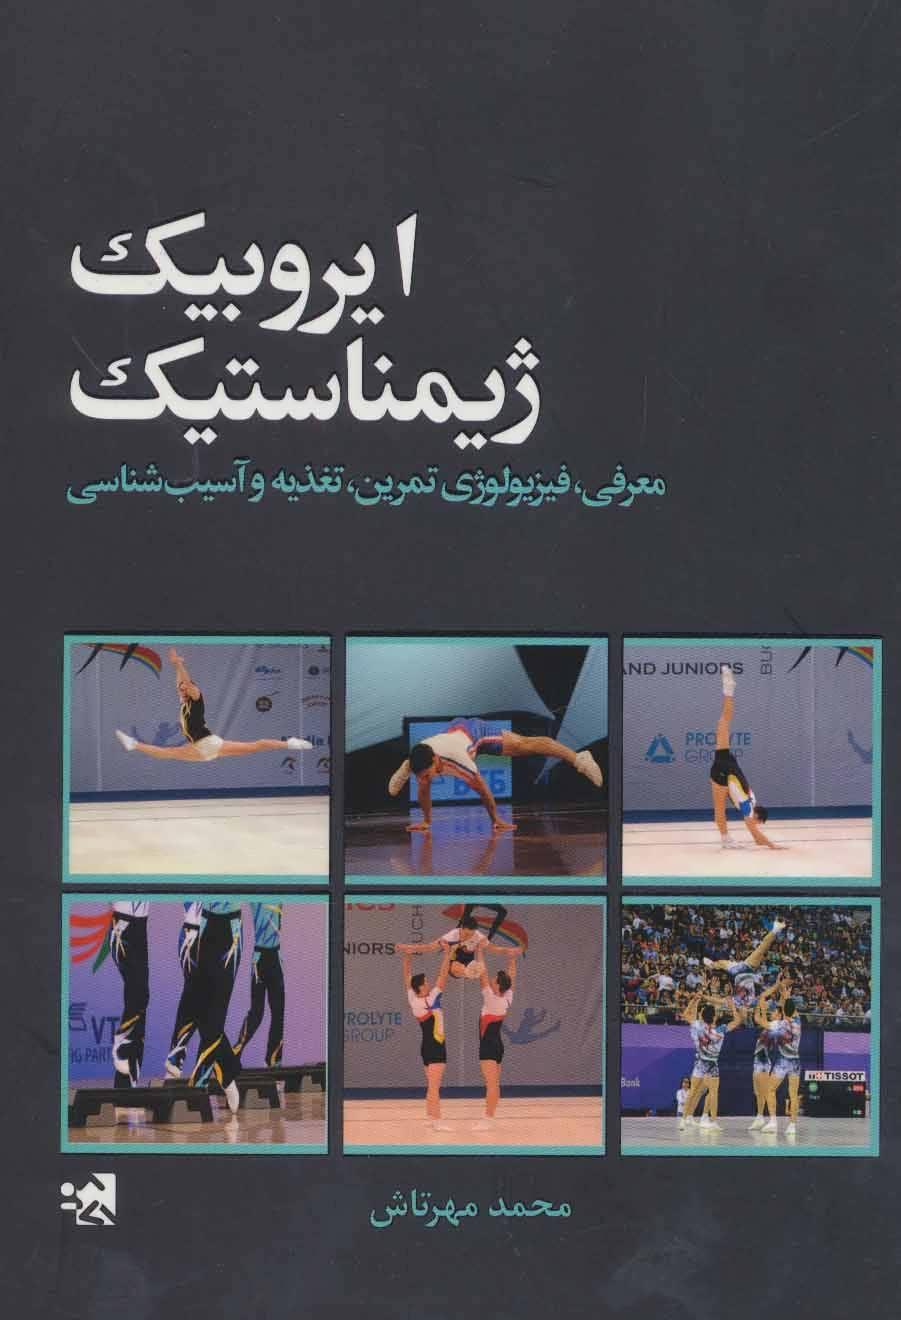 کتاب ایروبیک ژیمناستیک (معرفی، فیزیولوژی تمرین، تغذیه و آسیبشناسی)